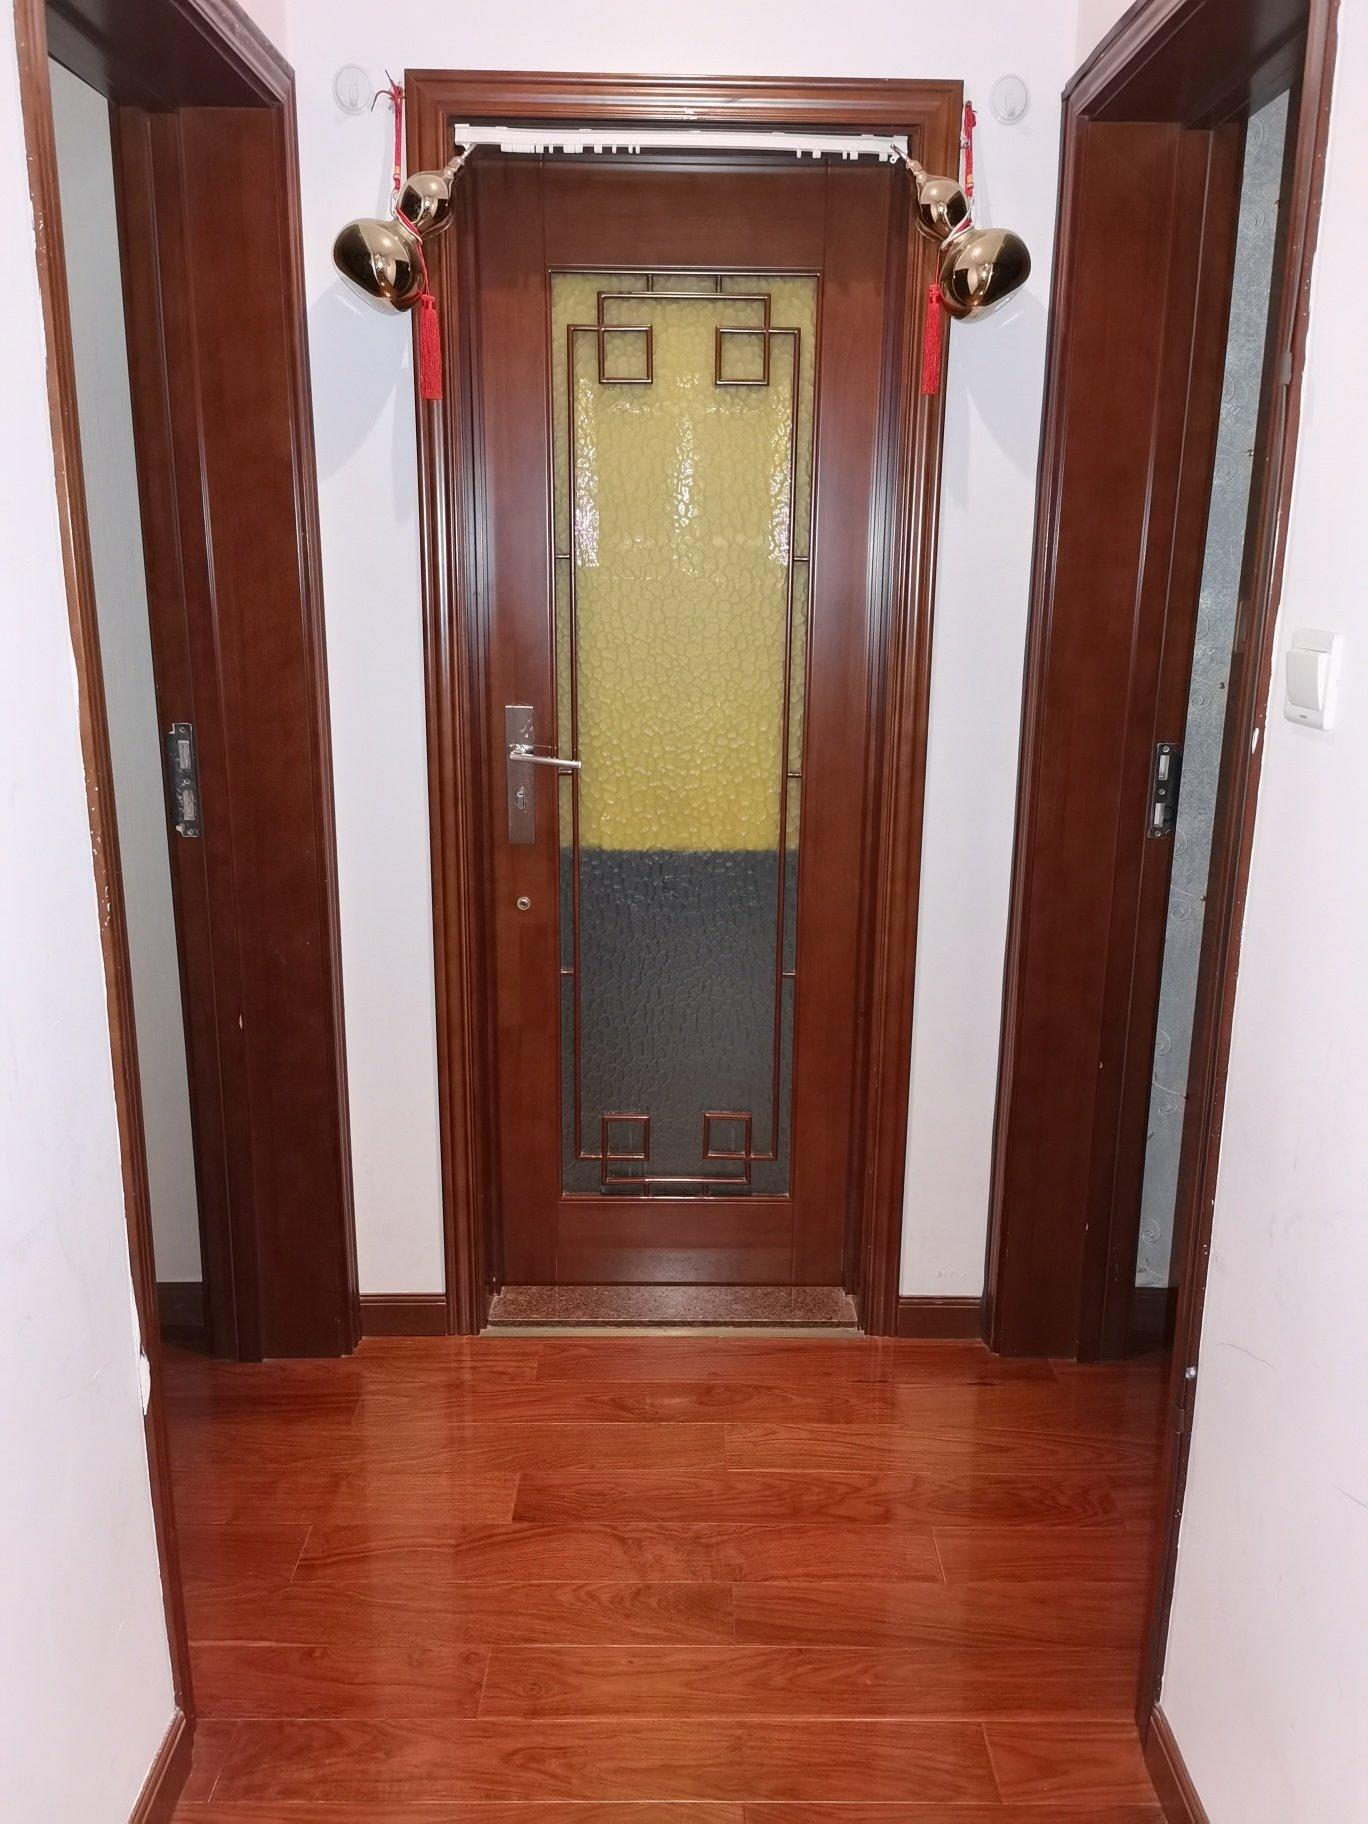 大门对着卫生间,想改门,但是不知道能否改